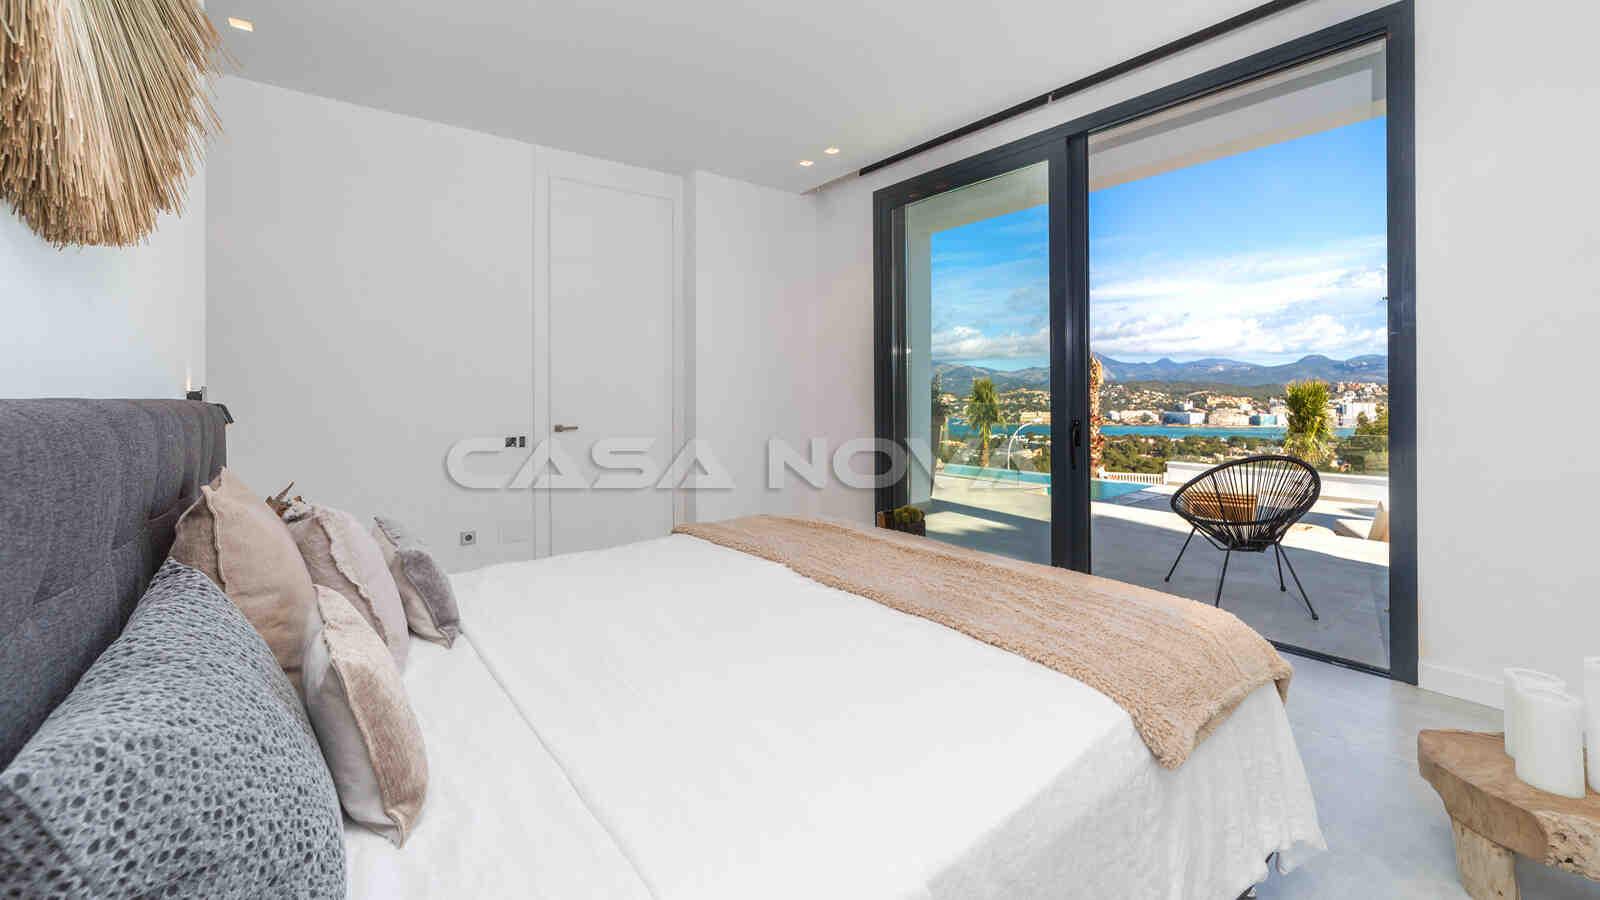 Ref. 2402254 - Gemütliches Schlafzimmer mit Panoramablick